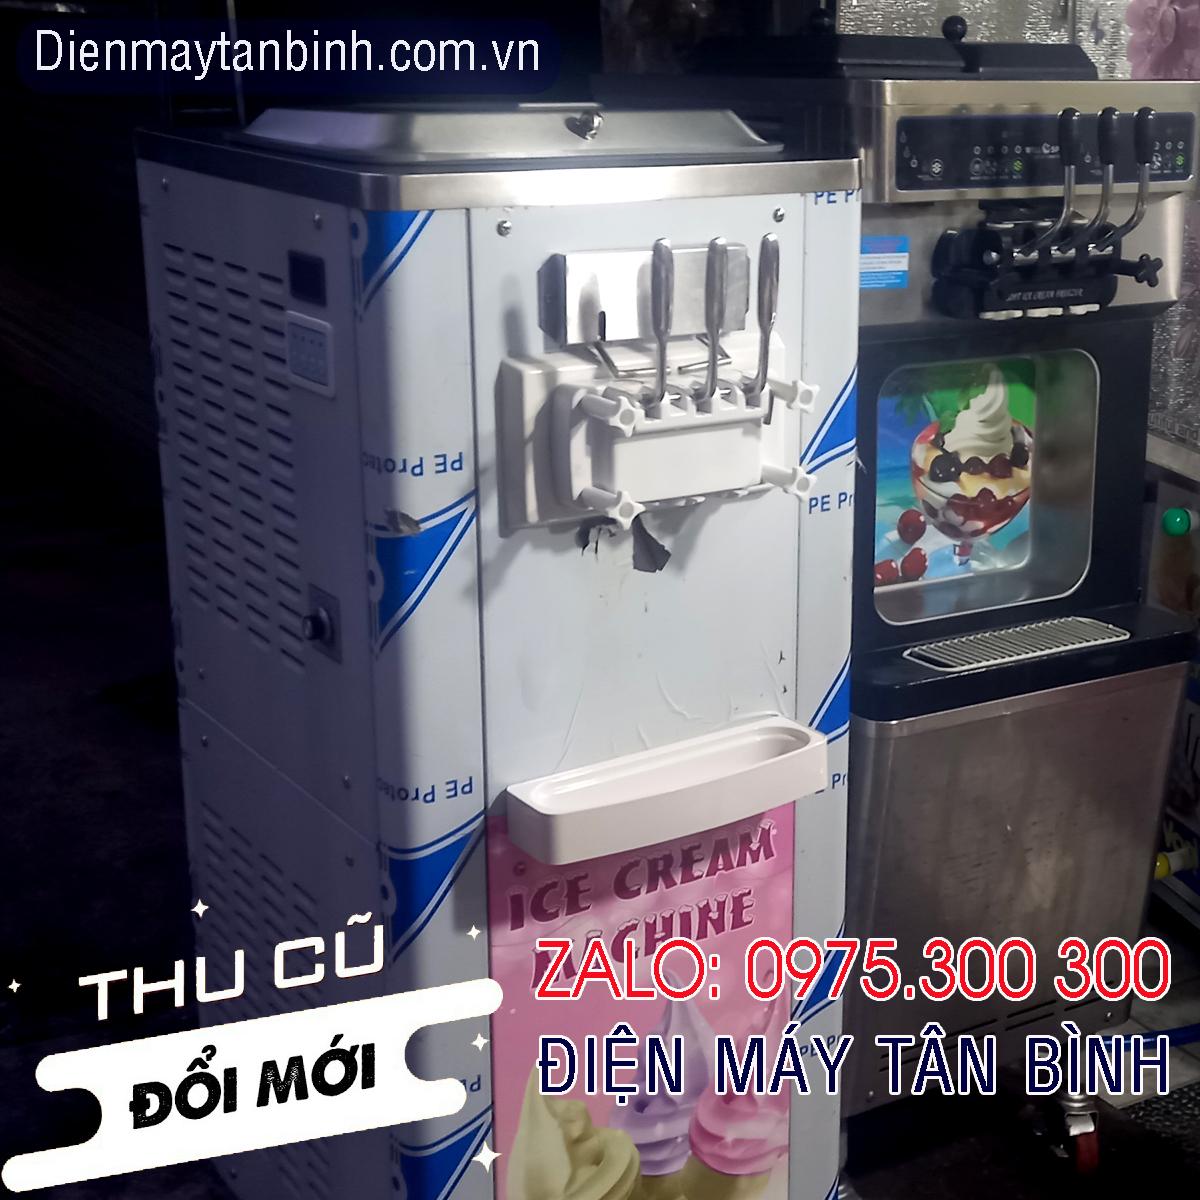 Bán thanh lý máy cũ và cho thuê máy làm kem tươi 3 vòi 2 lốc BQ336